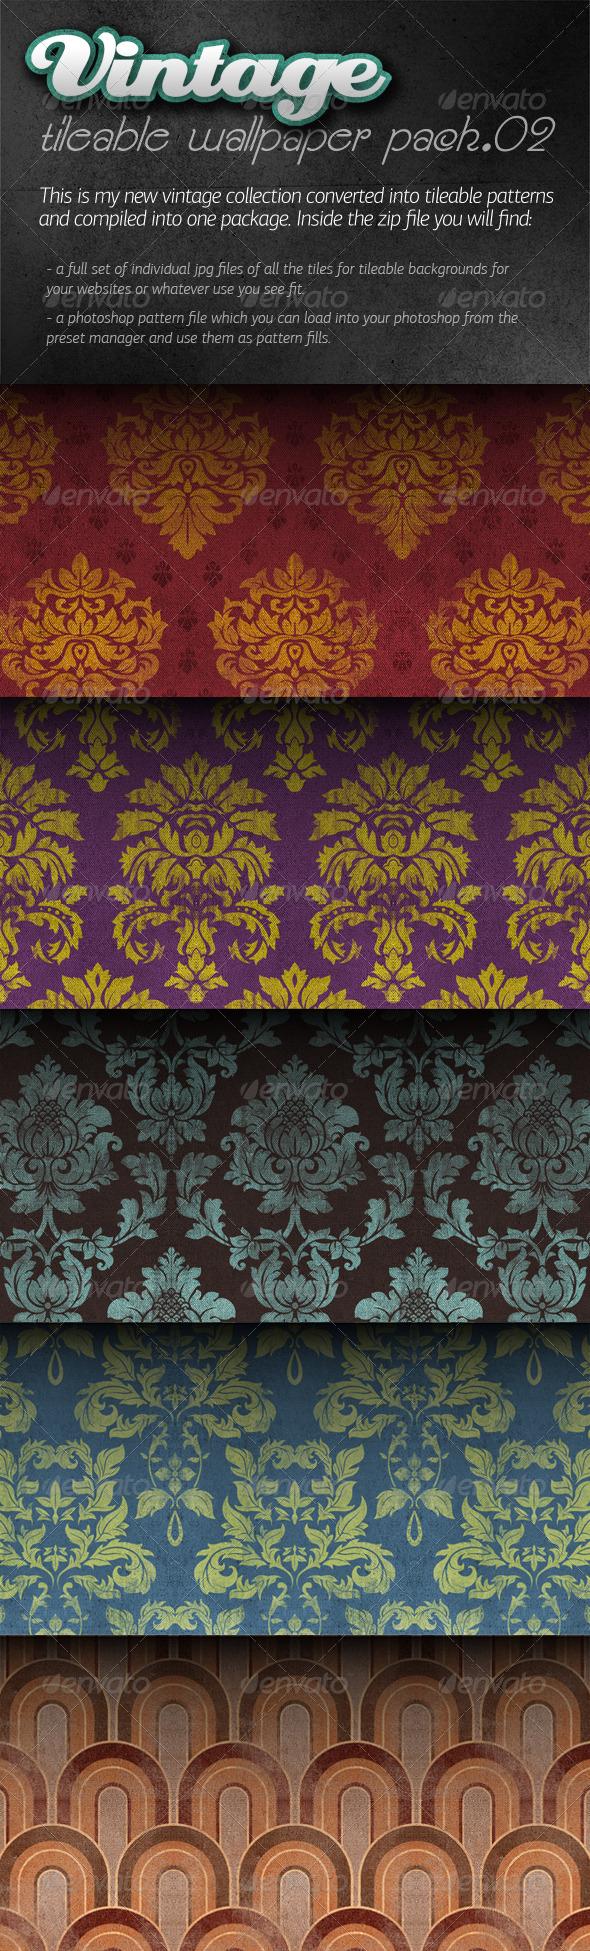 Vintage Tileable Wallpaper Pack 02